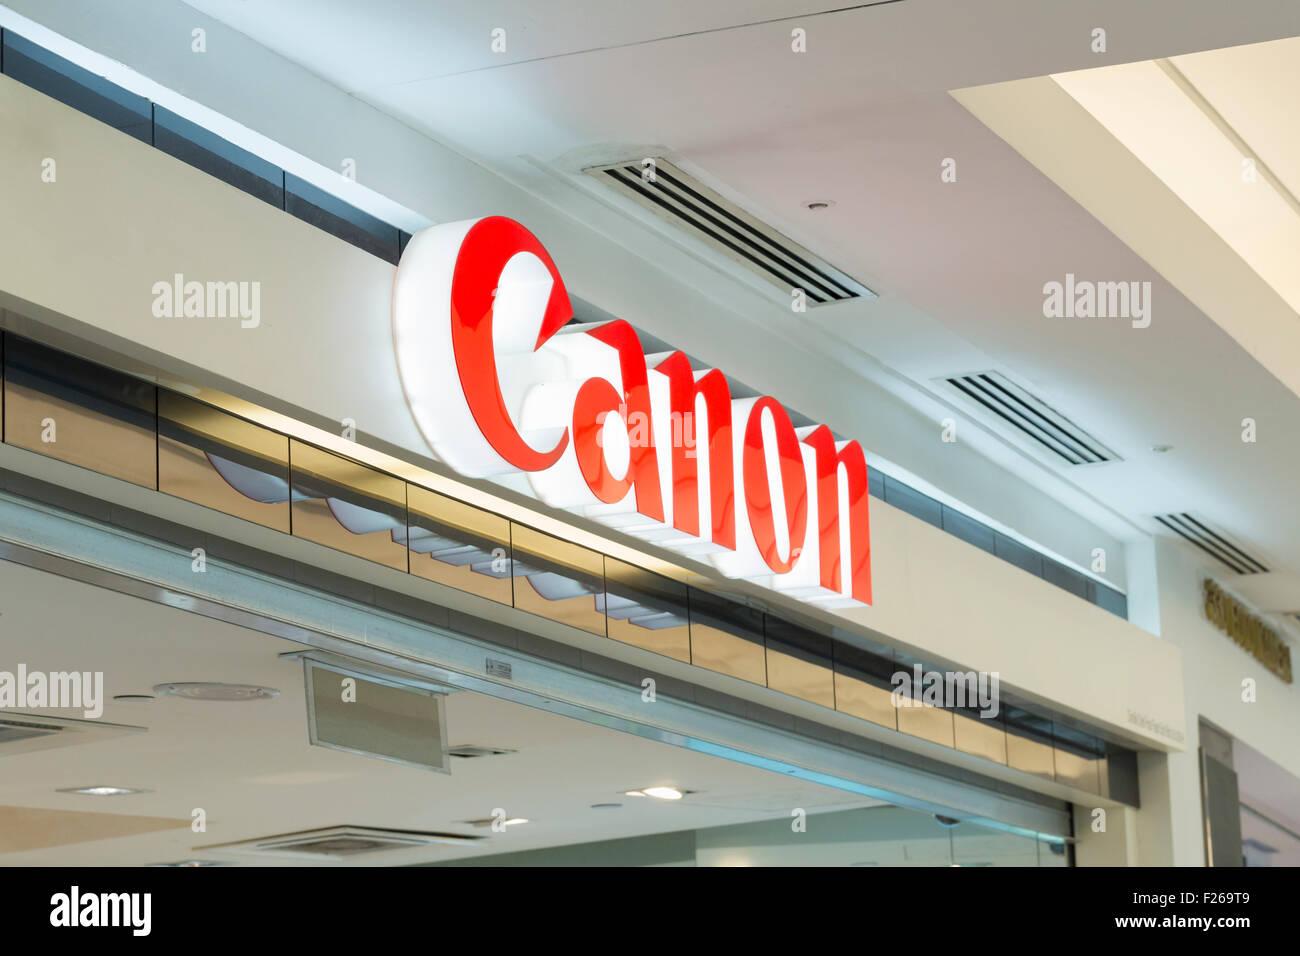 Canon logo - Stock Image